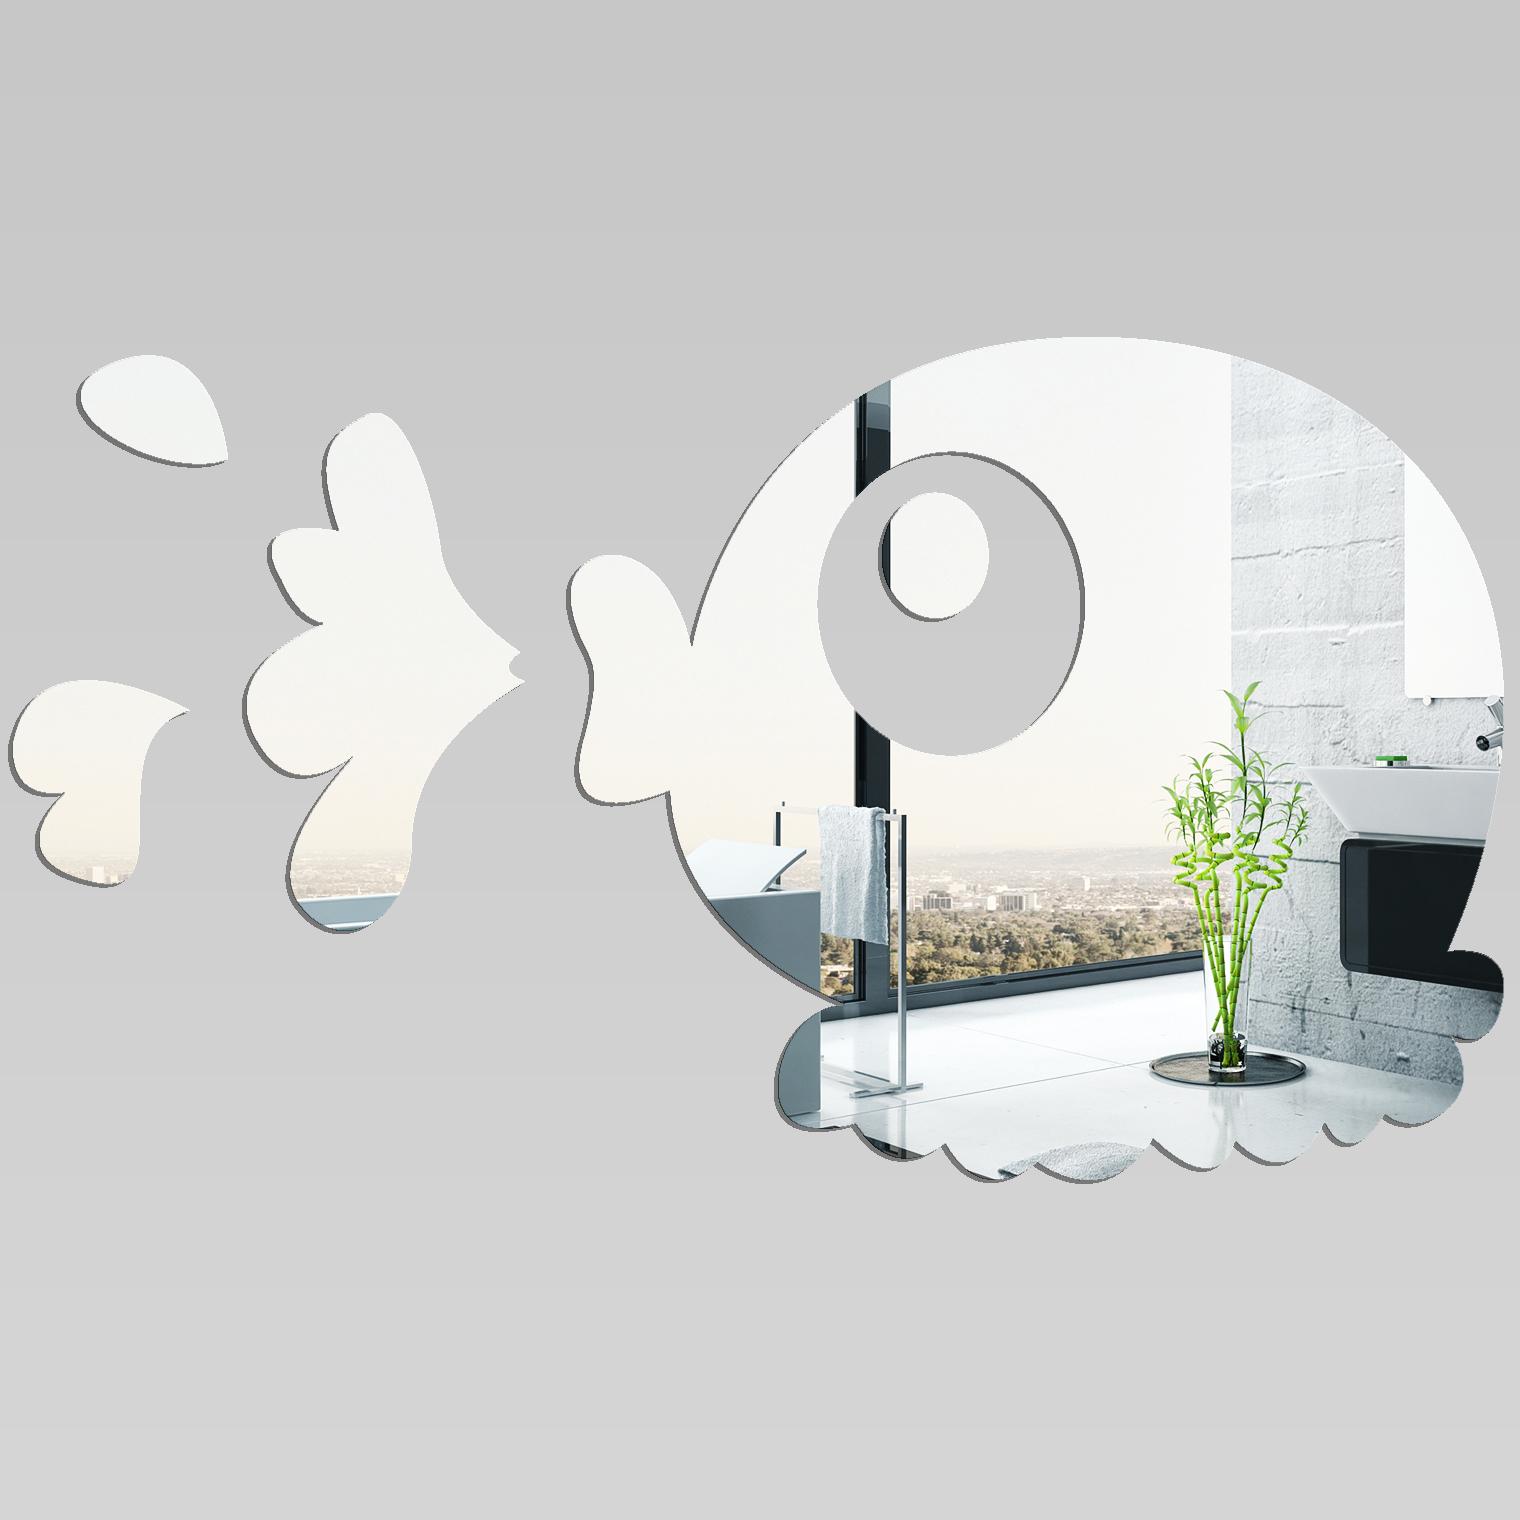 Miroir plexiglass acrylique poisson pas cher for Poisson yeux miroir